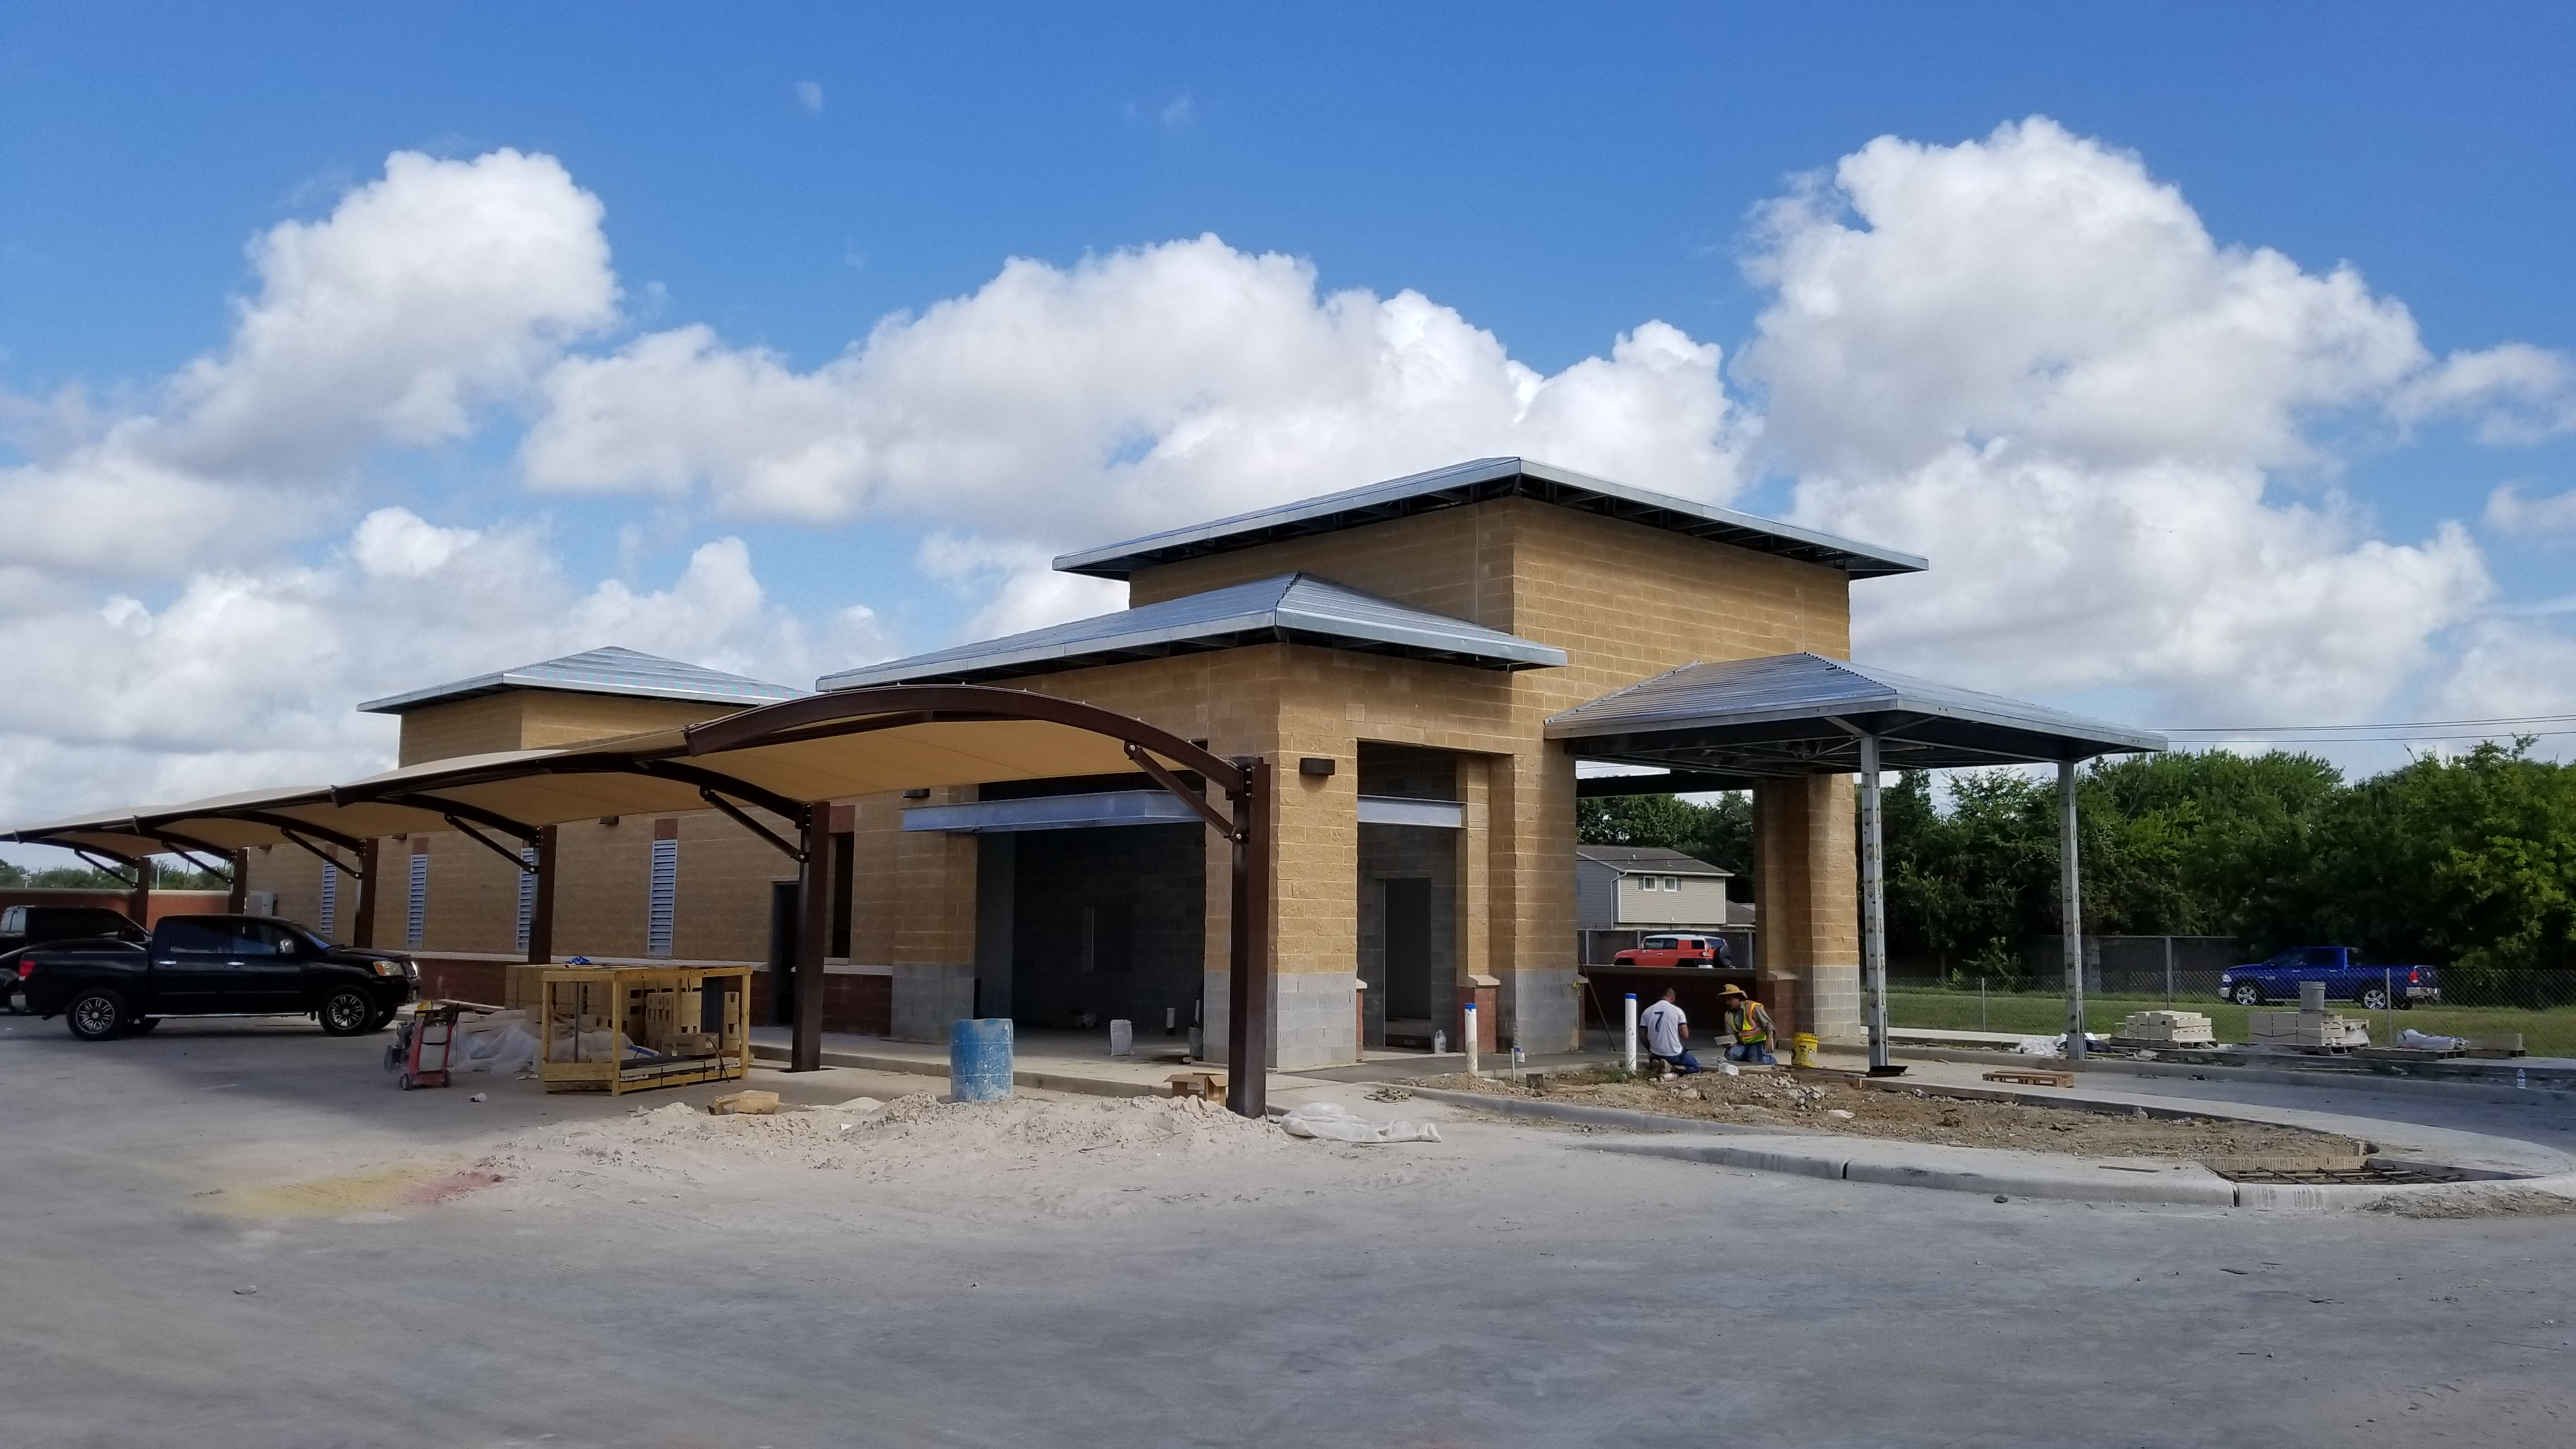 JJ's Car Wash - League CIty, Texas - Fidelis Delvelopment